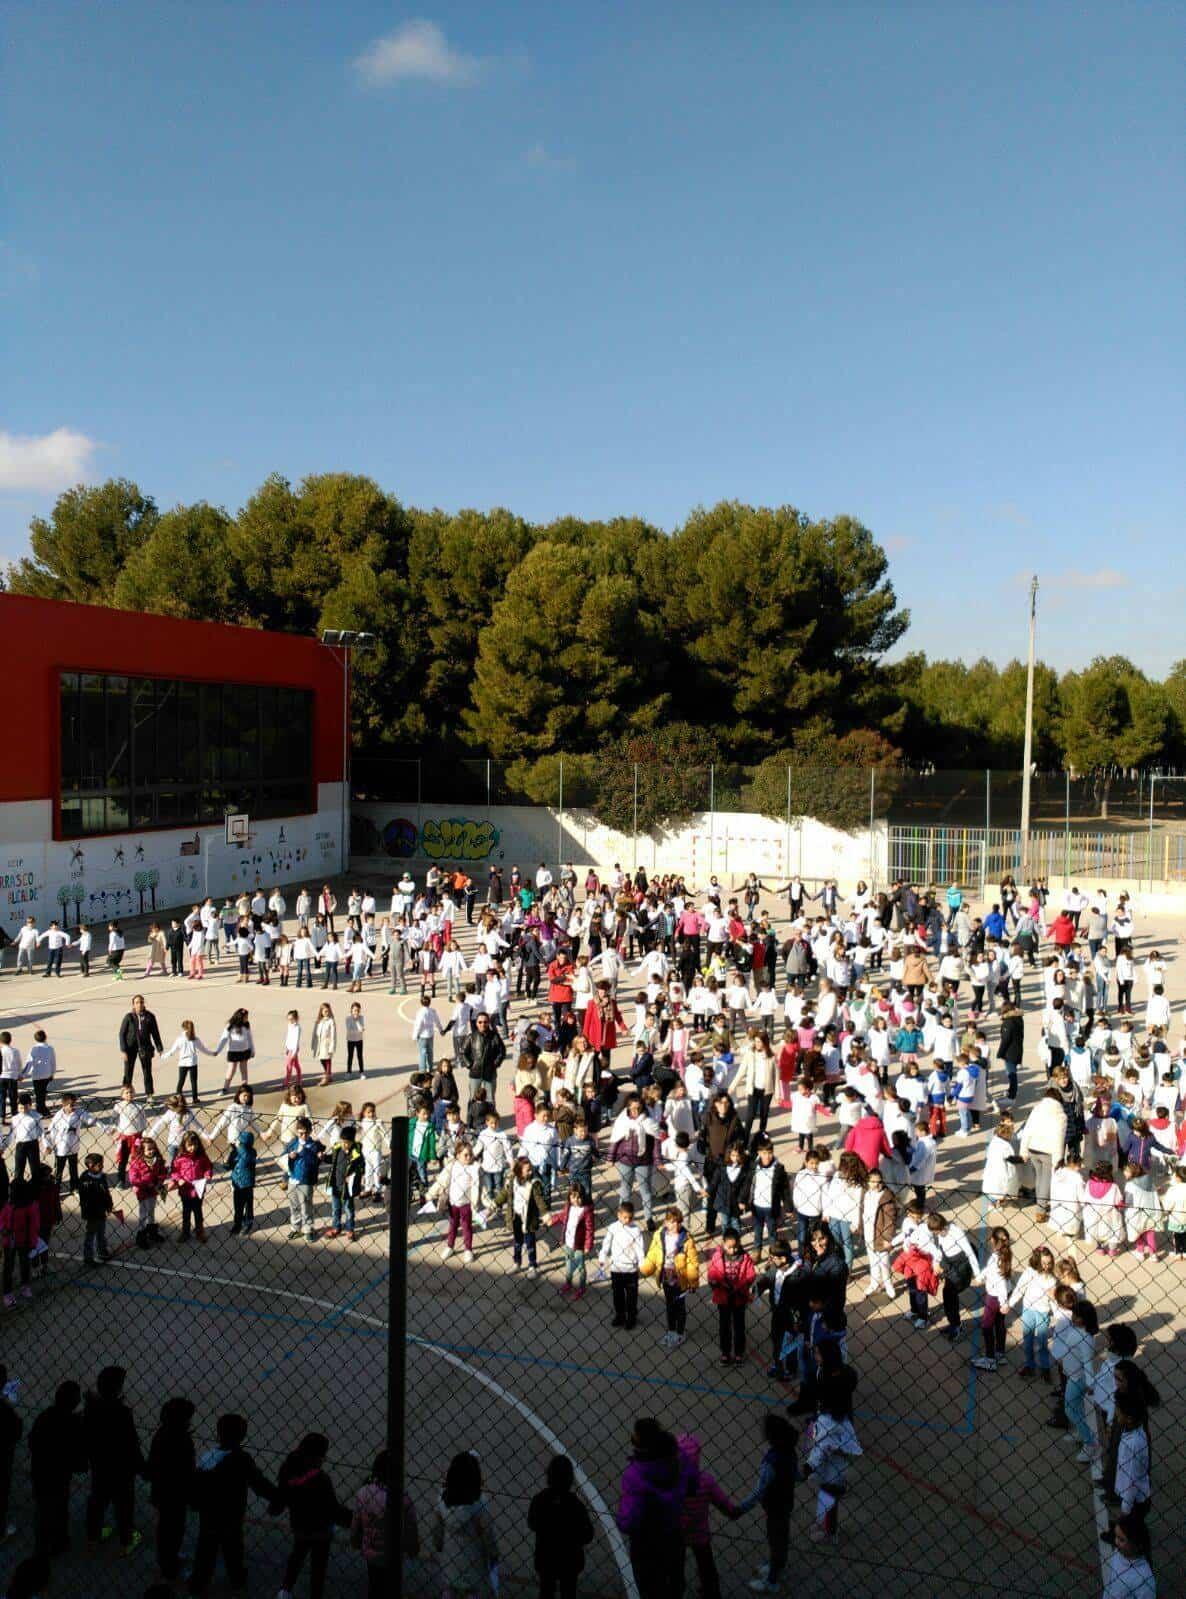 dia escola paz 2018 carrasco alcalde 2 - Día Escolar de la Paz 2018 en CEIP Carrasco Alcalde